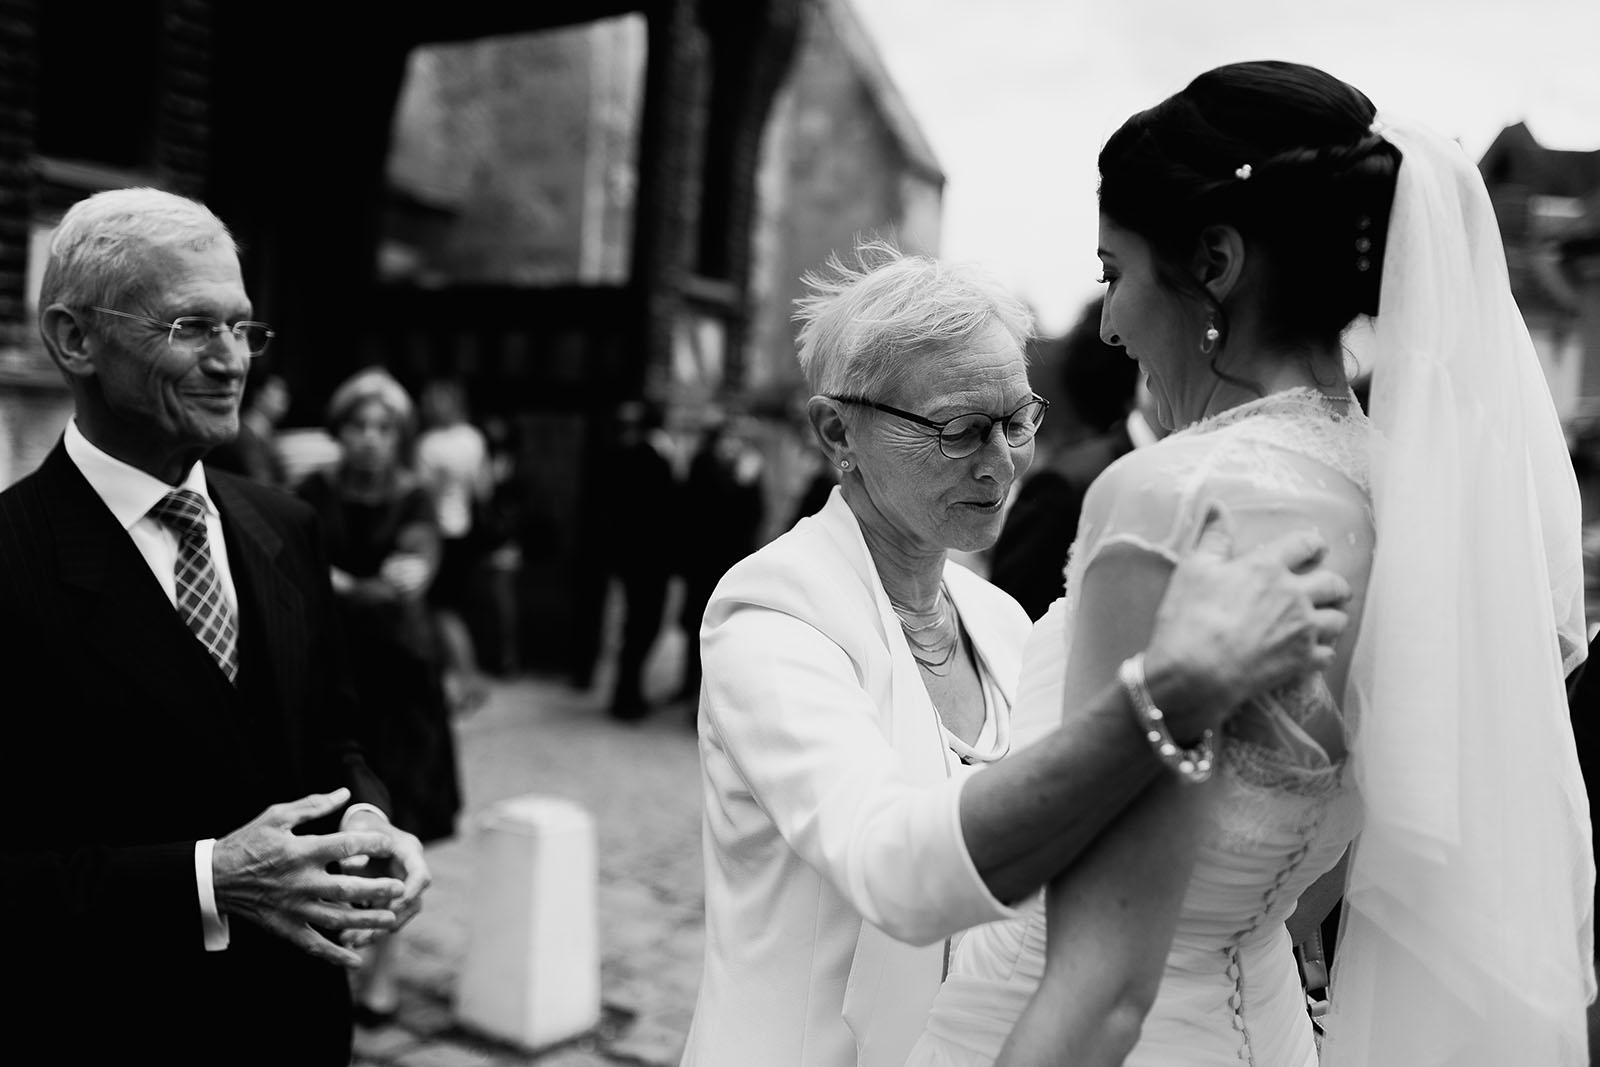 Mariage au Manoir de Corny en Normandie. La mariée et ses grands parents à la sortie de l'église